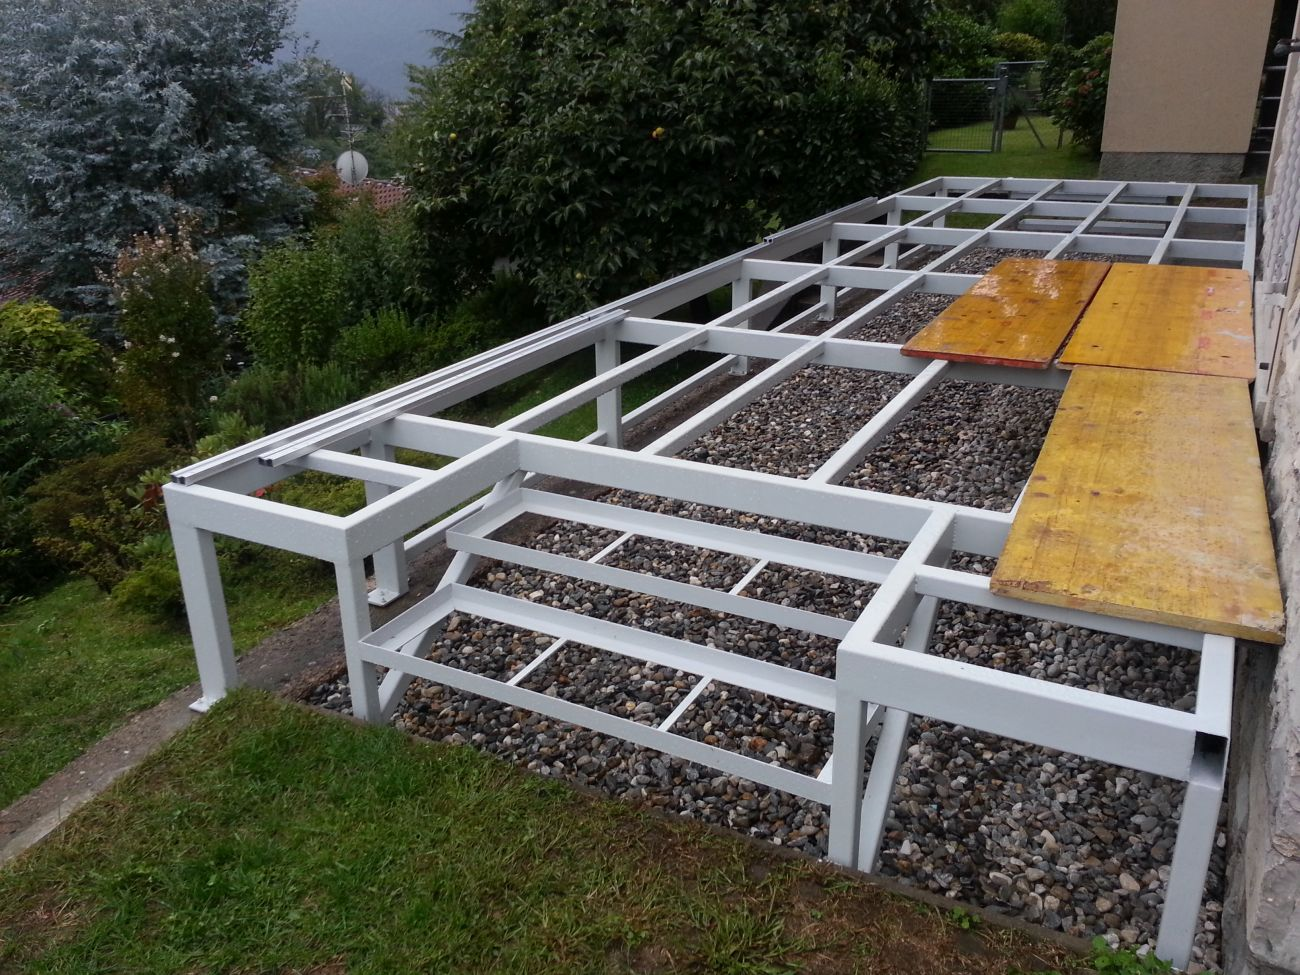 Parquet per terrazzi soriano pavimenti in legno - Pavimento in legno per giardino ...